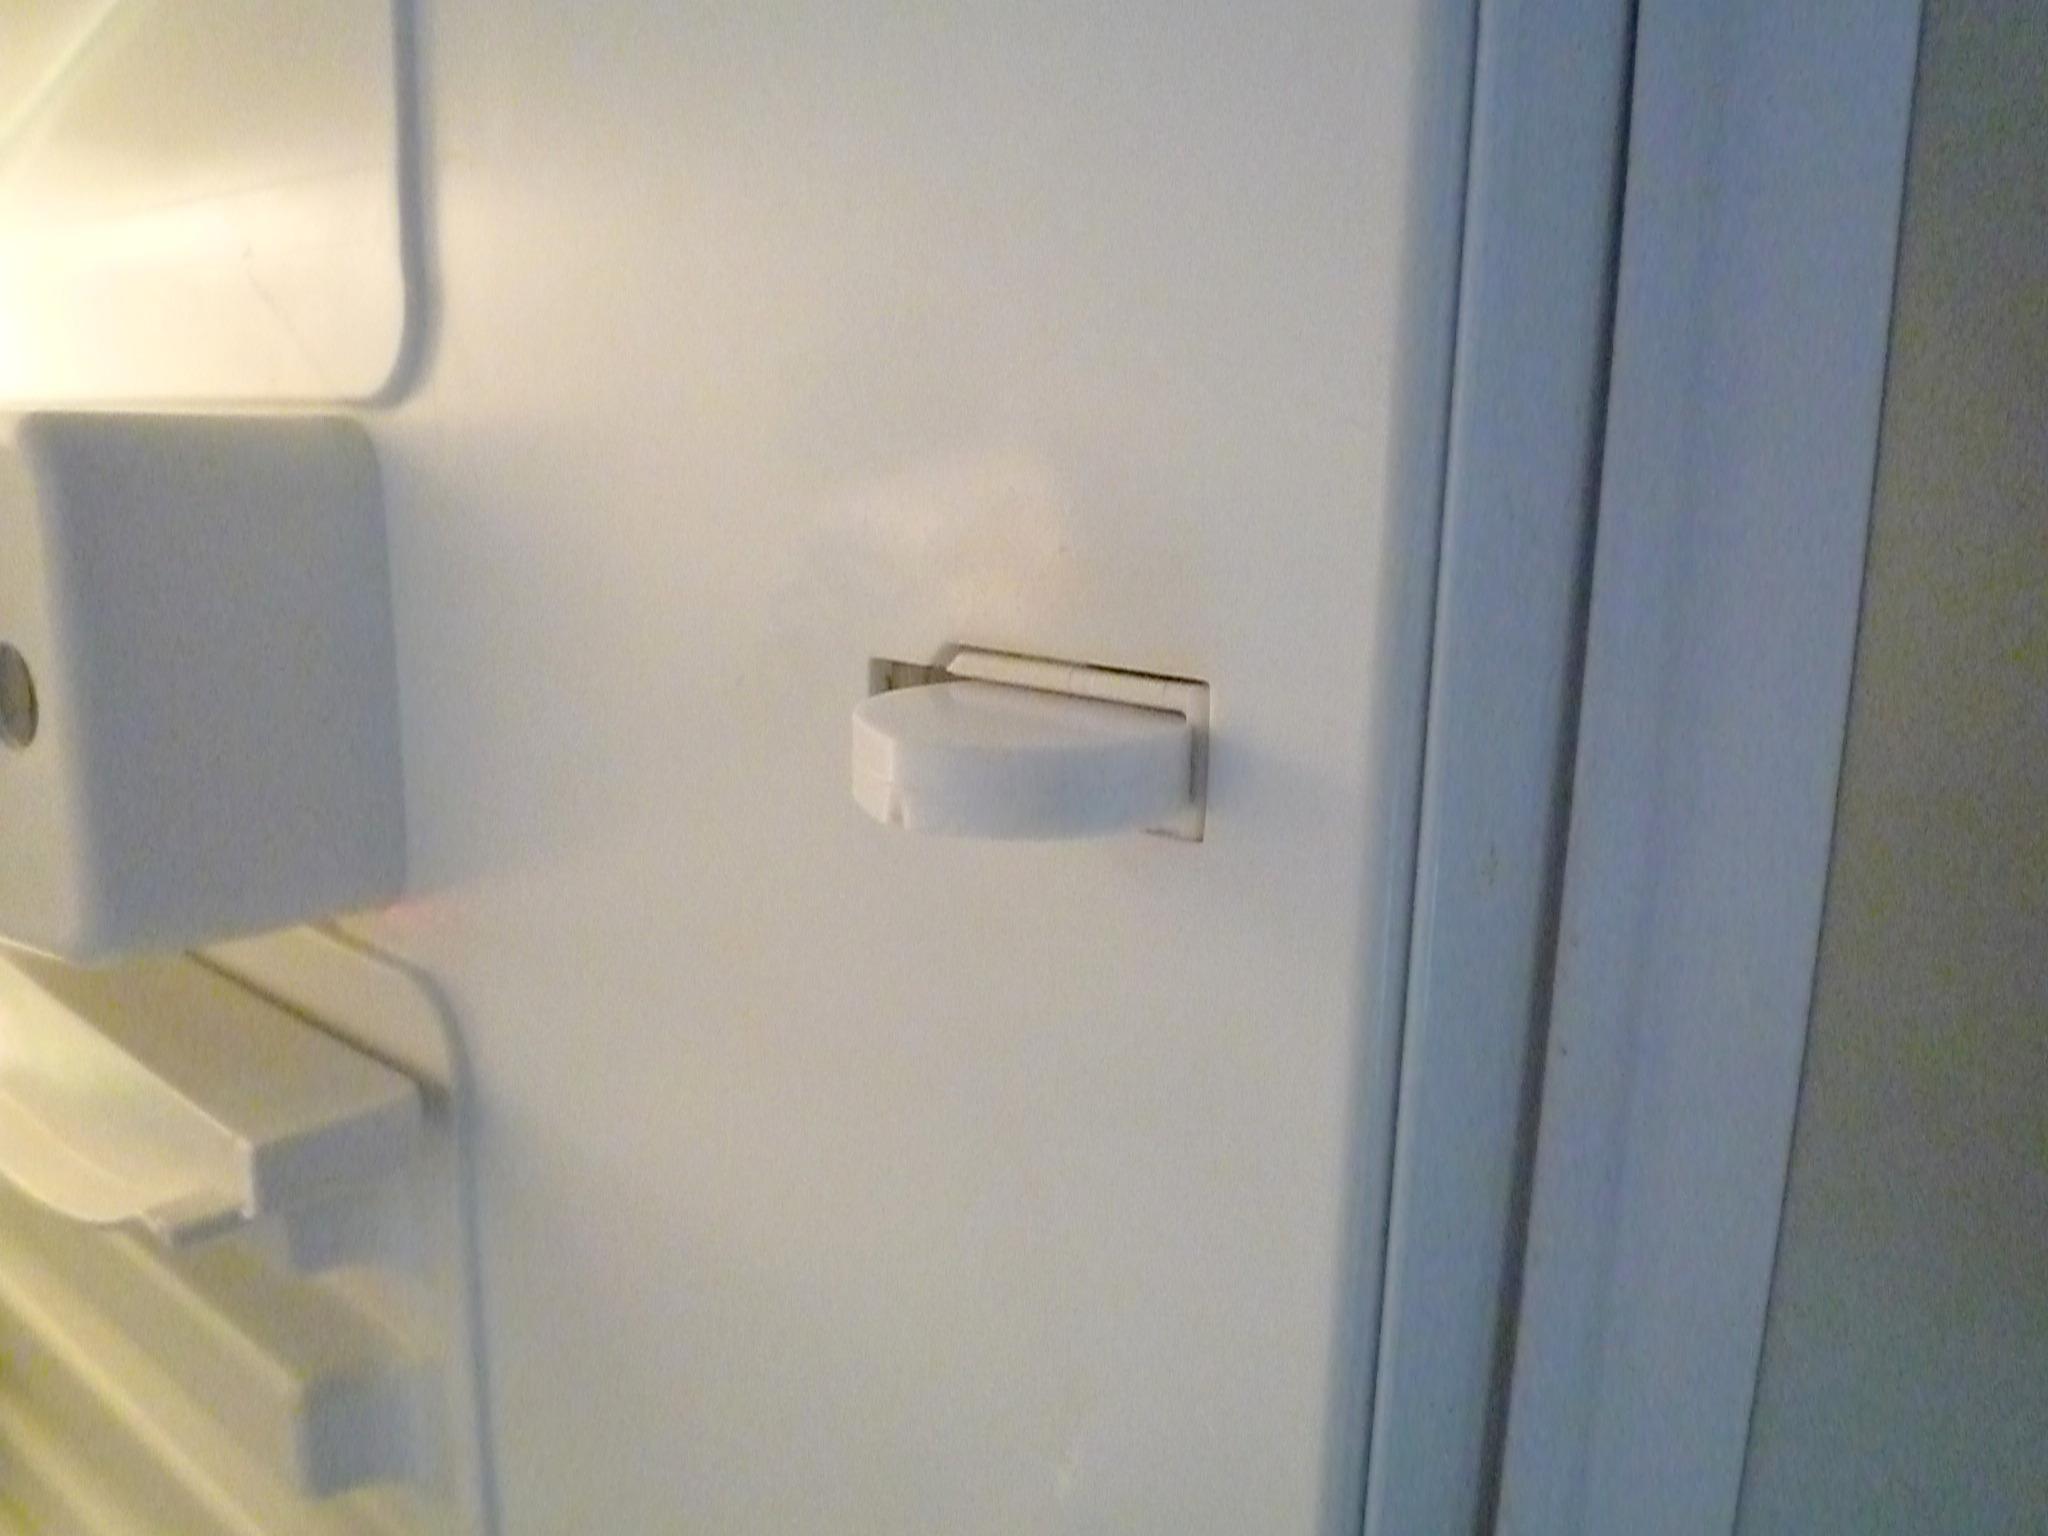 Siemens Kühlschrank Defekt : Ich habe einen miele einbau kühlschrank bei diesem ist der